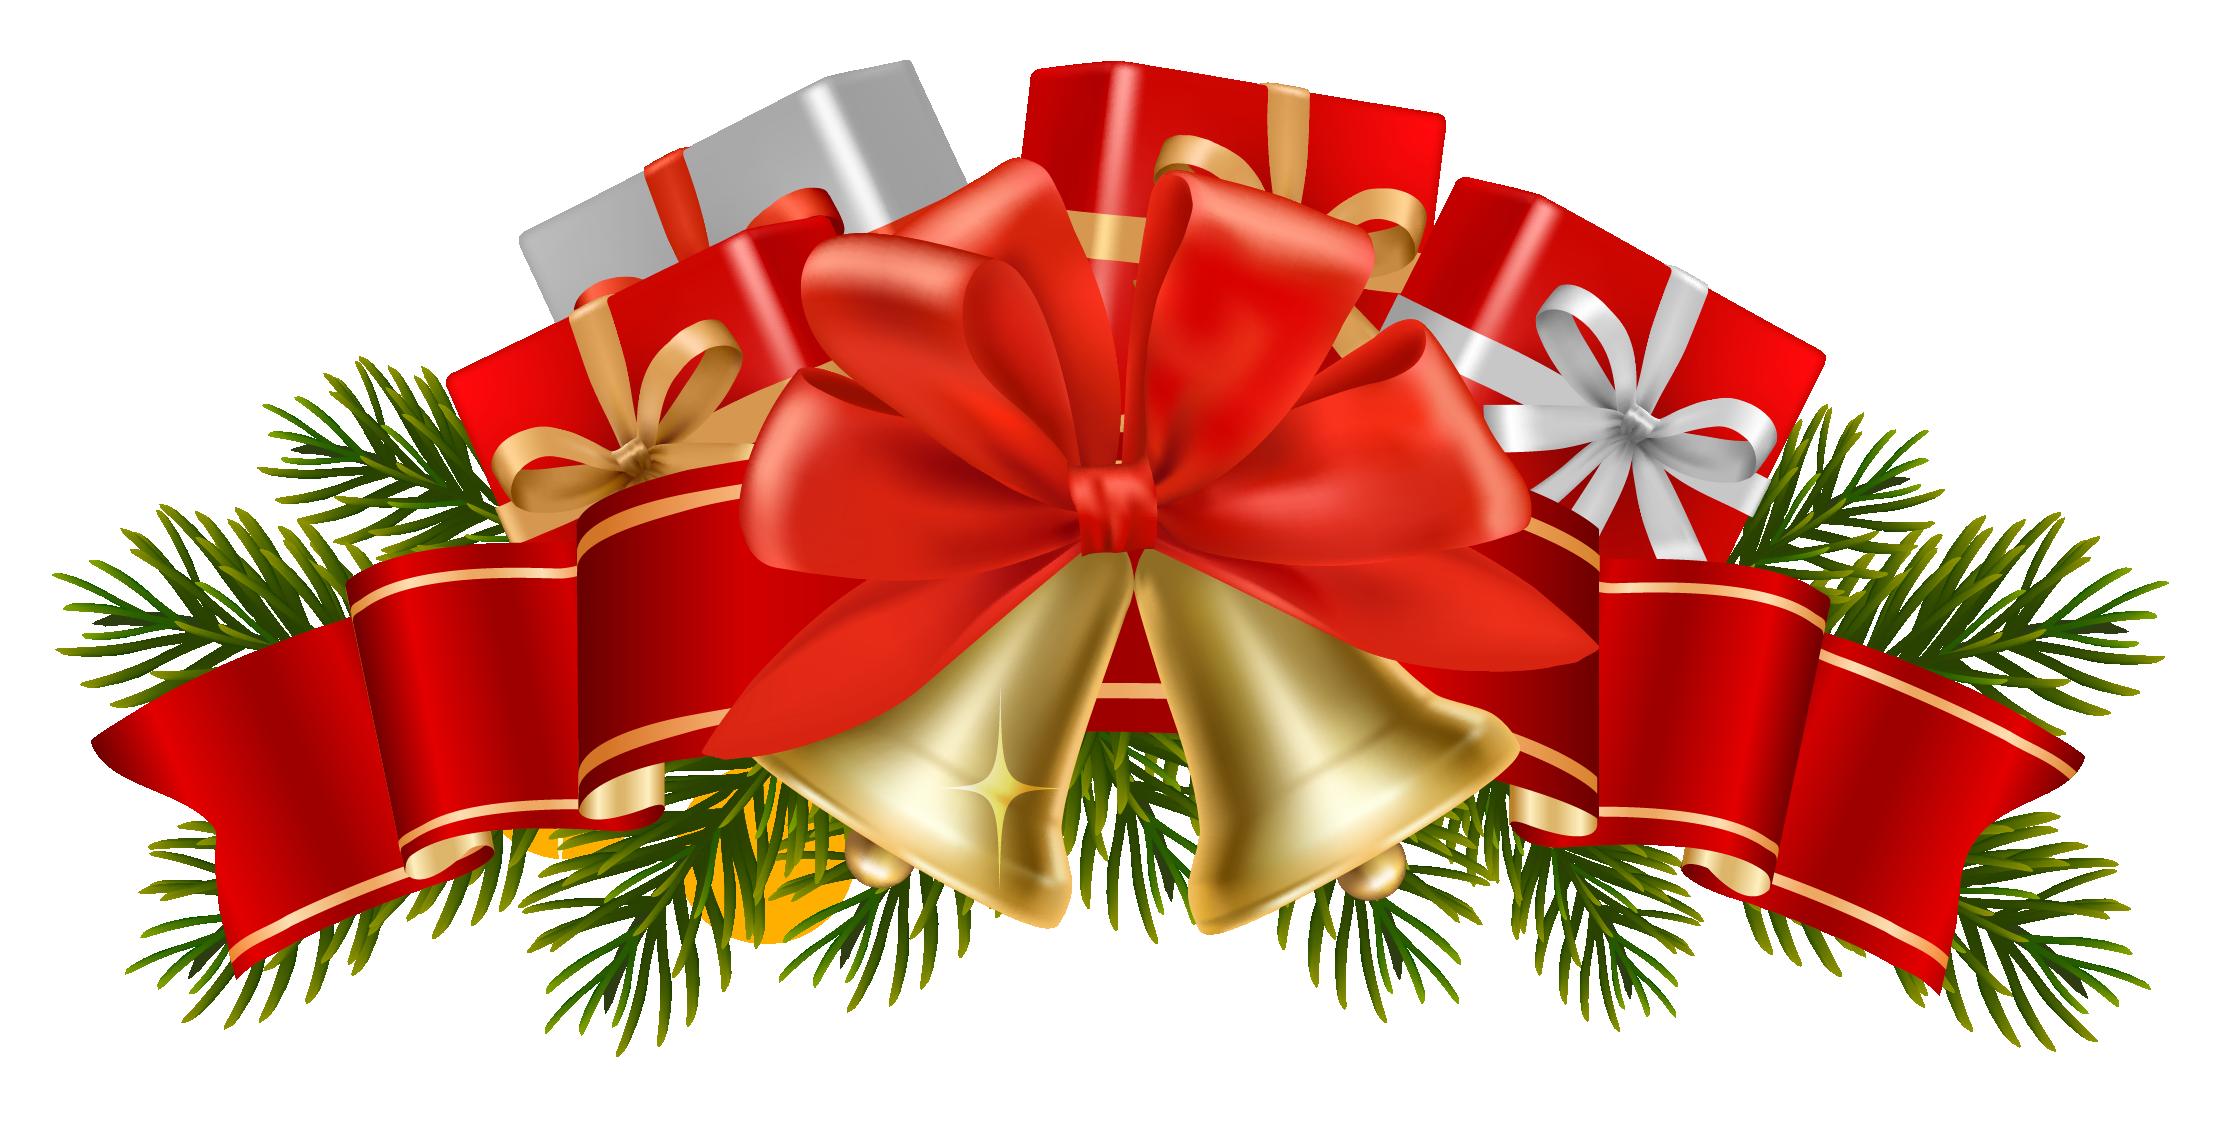 Free transparent christmas.